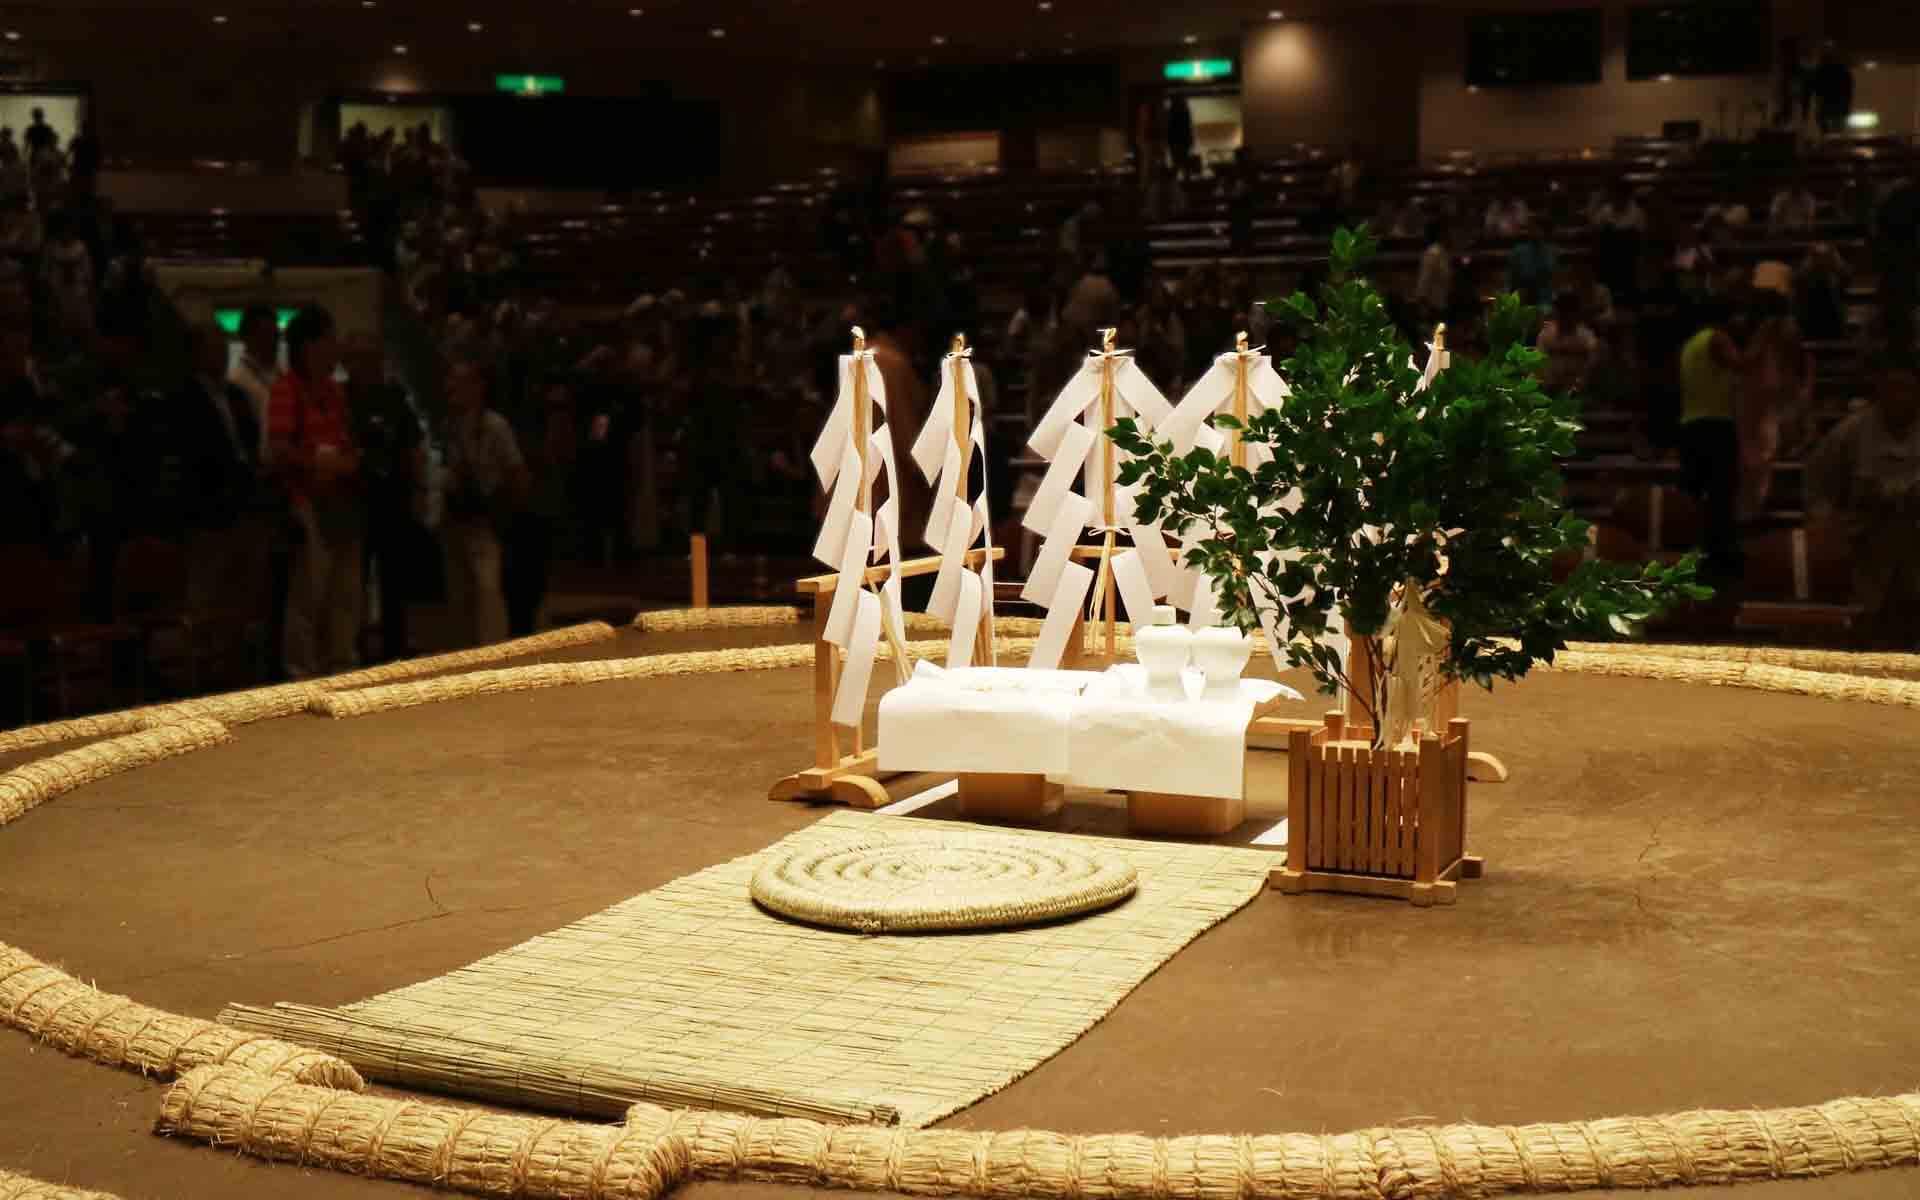 大相撲を支える「土俵」づくりの裏側。間近に見られる「土俵祭」とは?